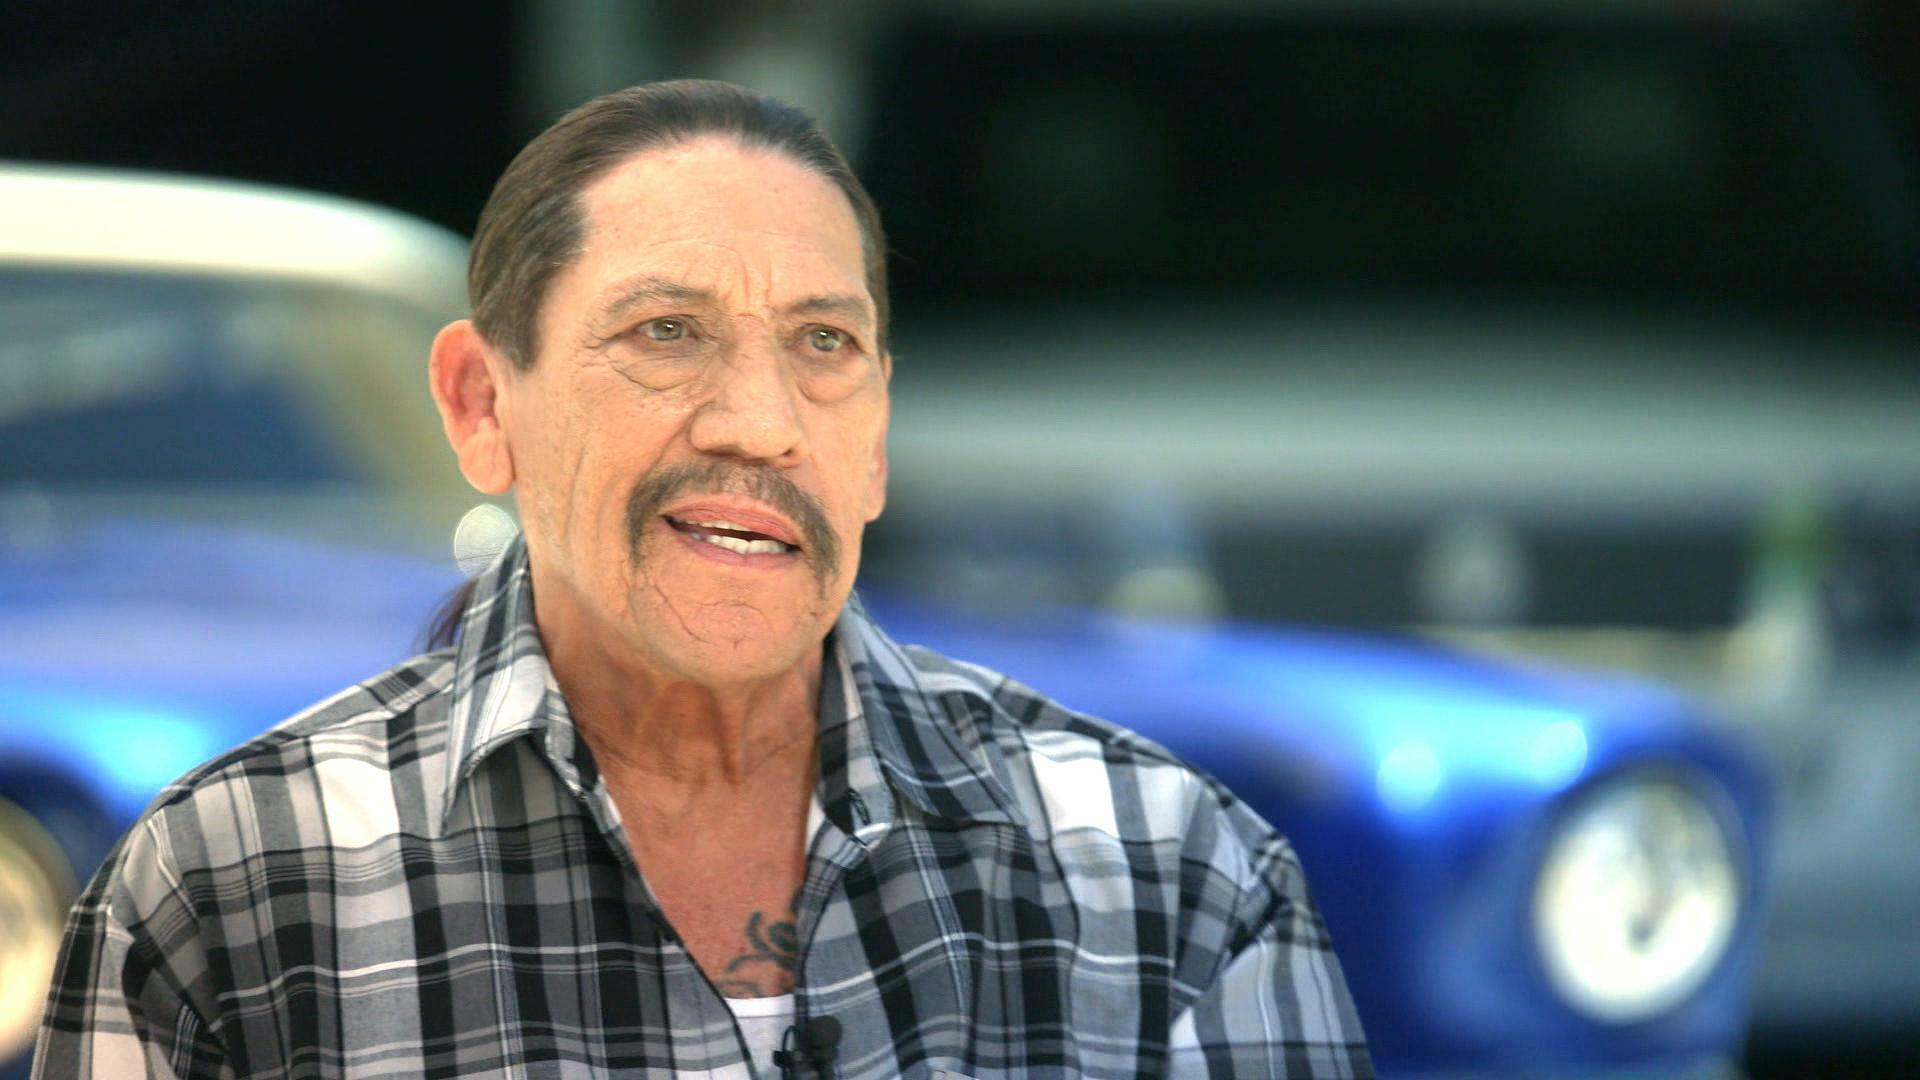 """Ator Danny Trejo diz que sua fé o tirou das drogas e crimes: """"Sem Deus, você está morto"""""""